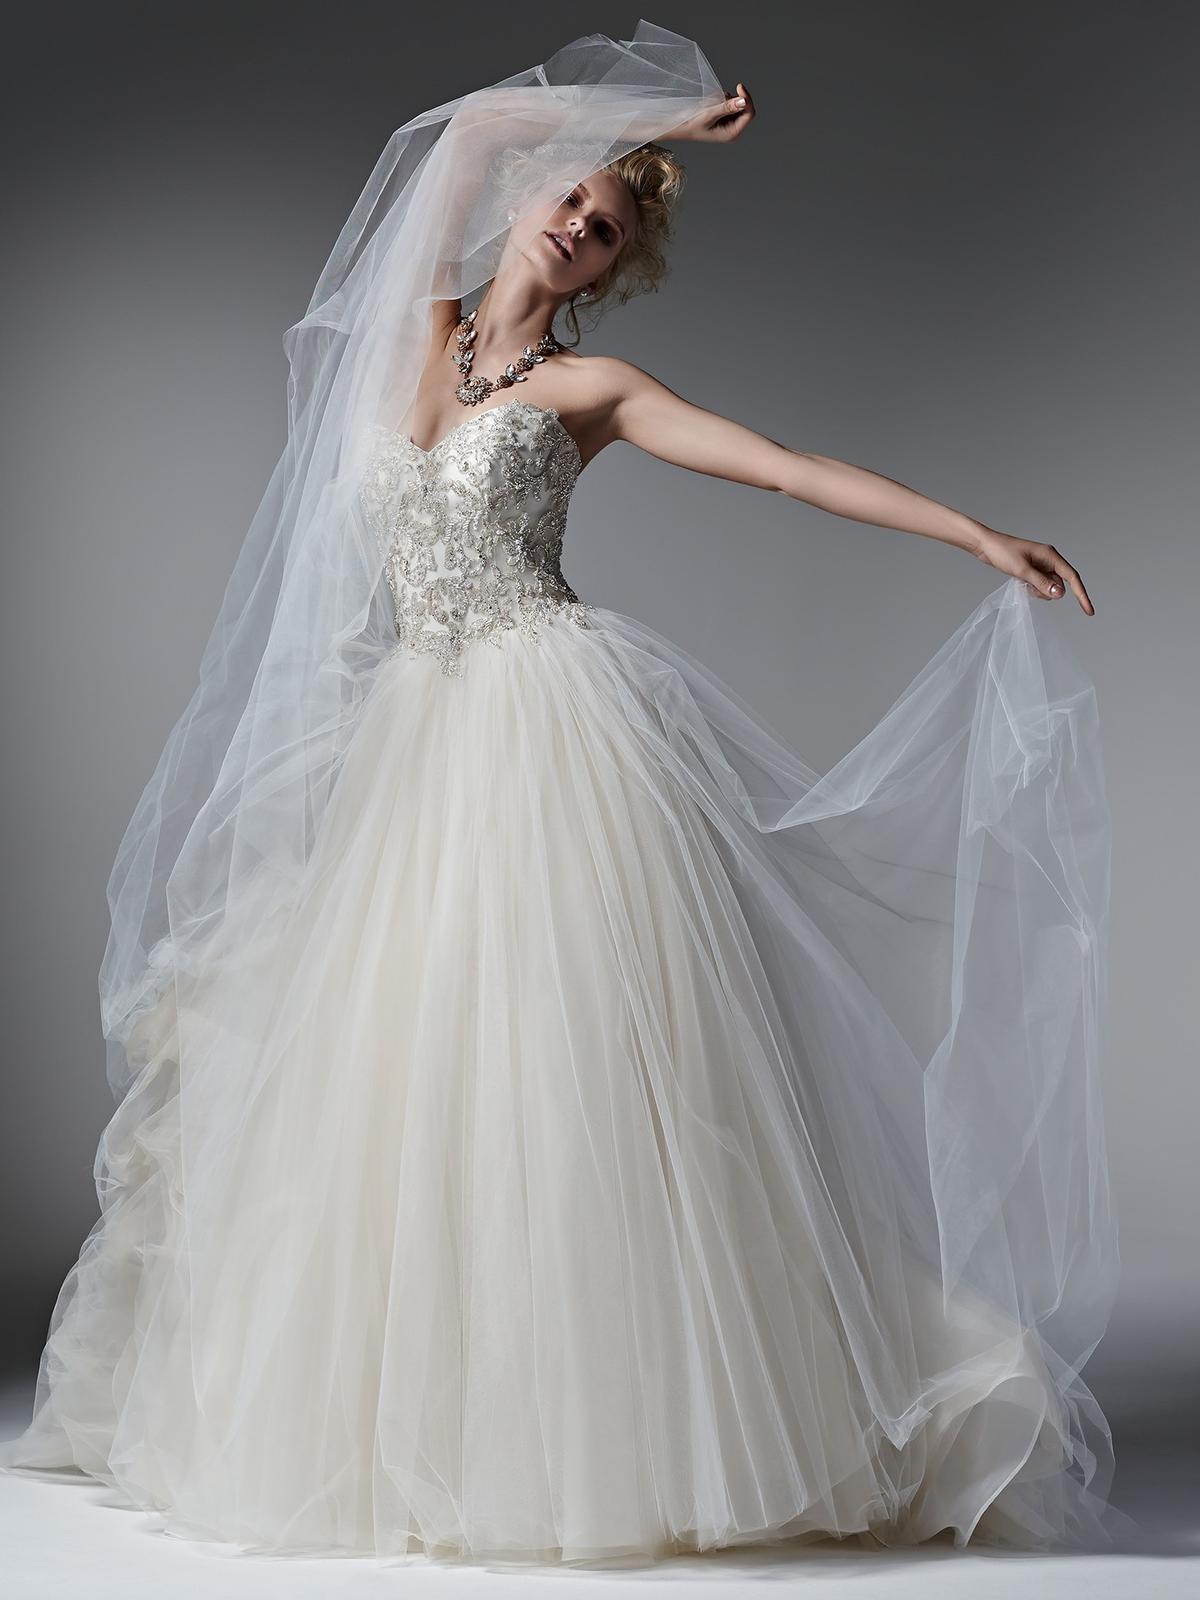 Pôvabné a luxusne pôsobiace svadobné šaty LAYLA prestížnej značky Sottero&Midgley na Vás čakajú v salóne Diamond v ŽILINE ;) - Obrázok č. 4